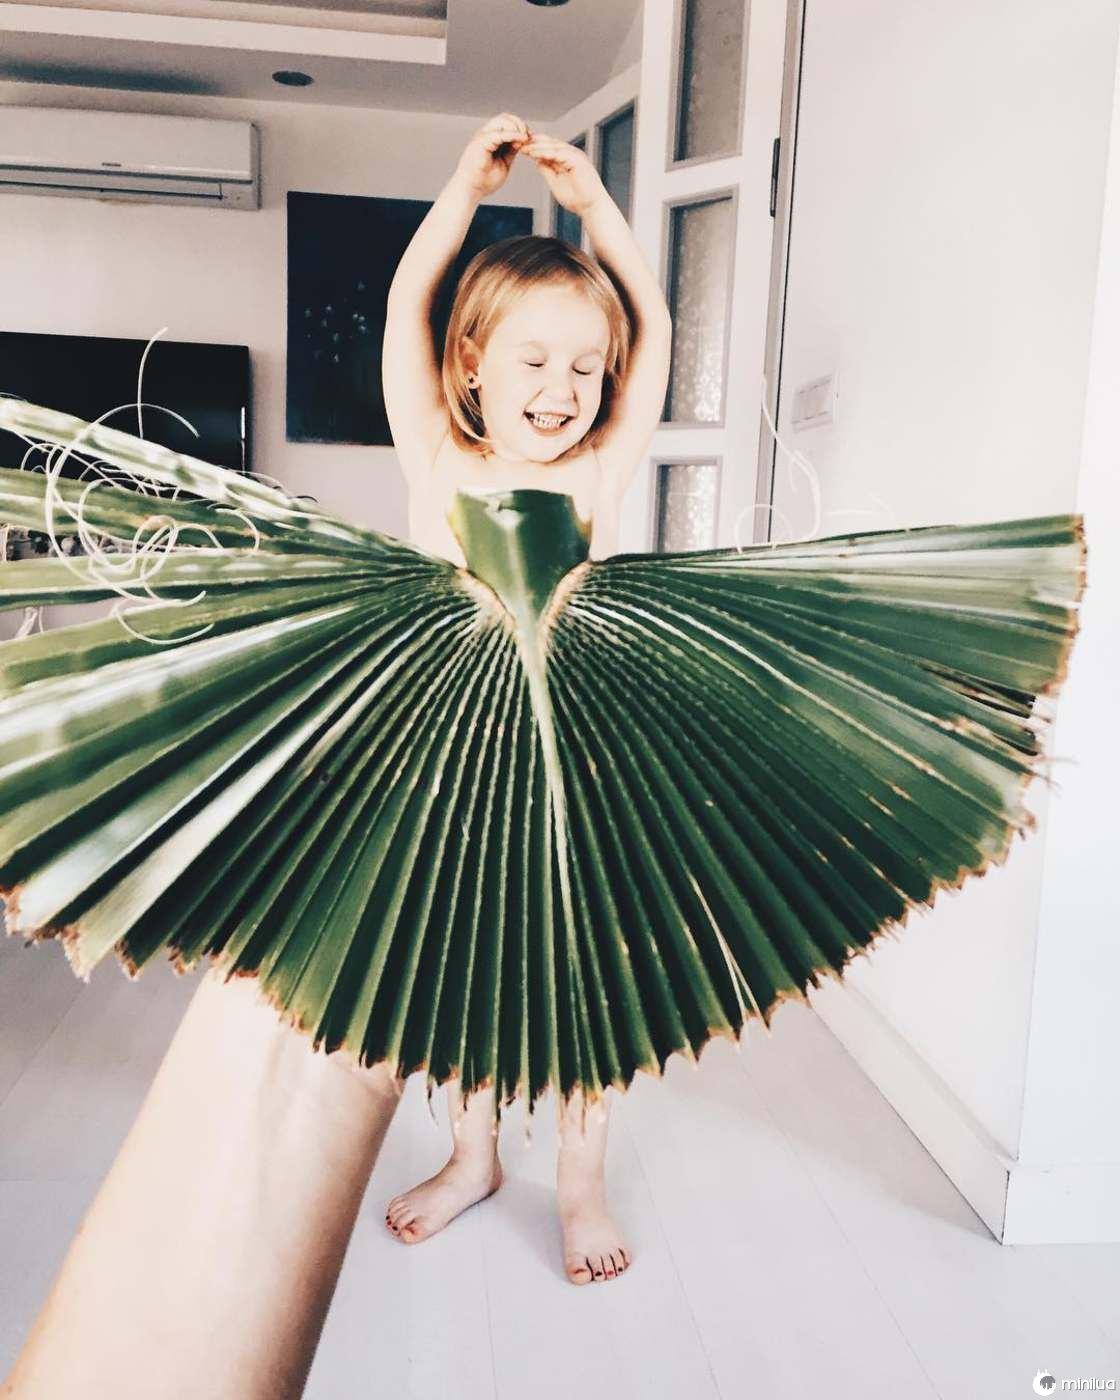 Mãe e Filha De 3 Anos Fazem Sucesso No Instagram Com Os Seus Criativos Vestidos 7